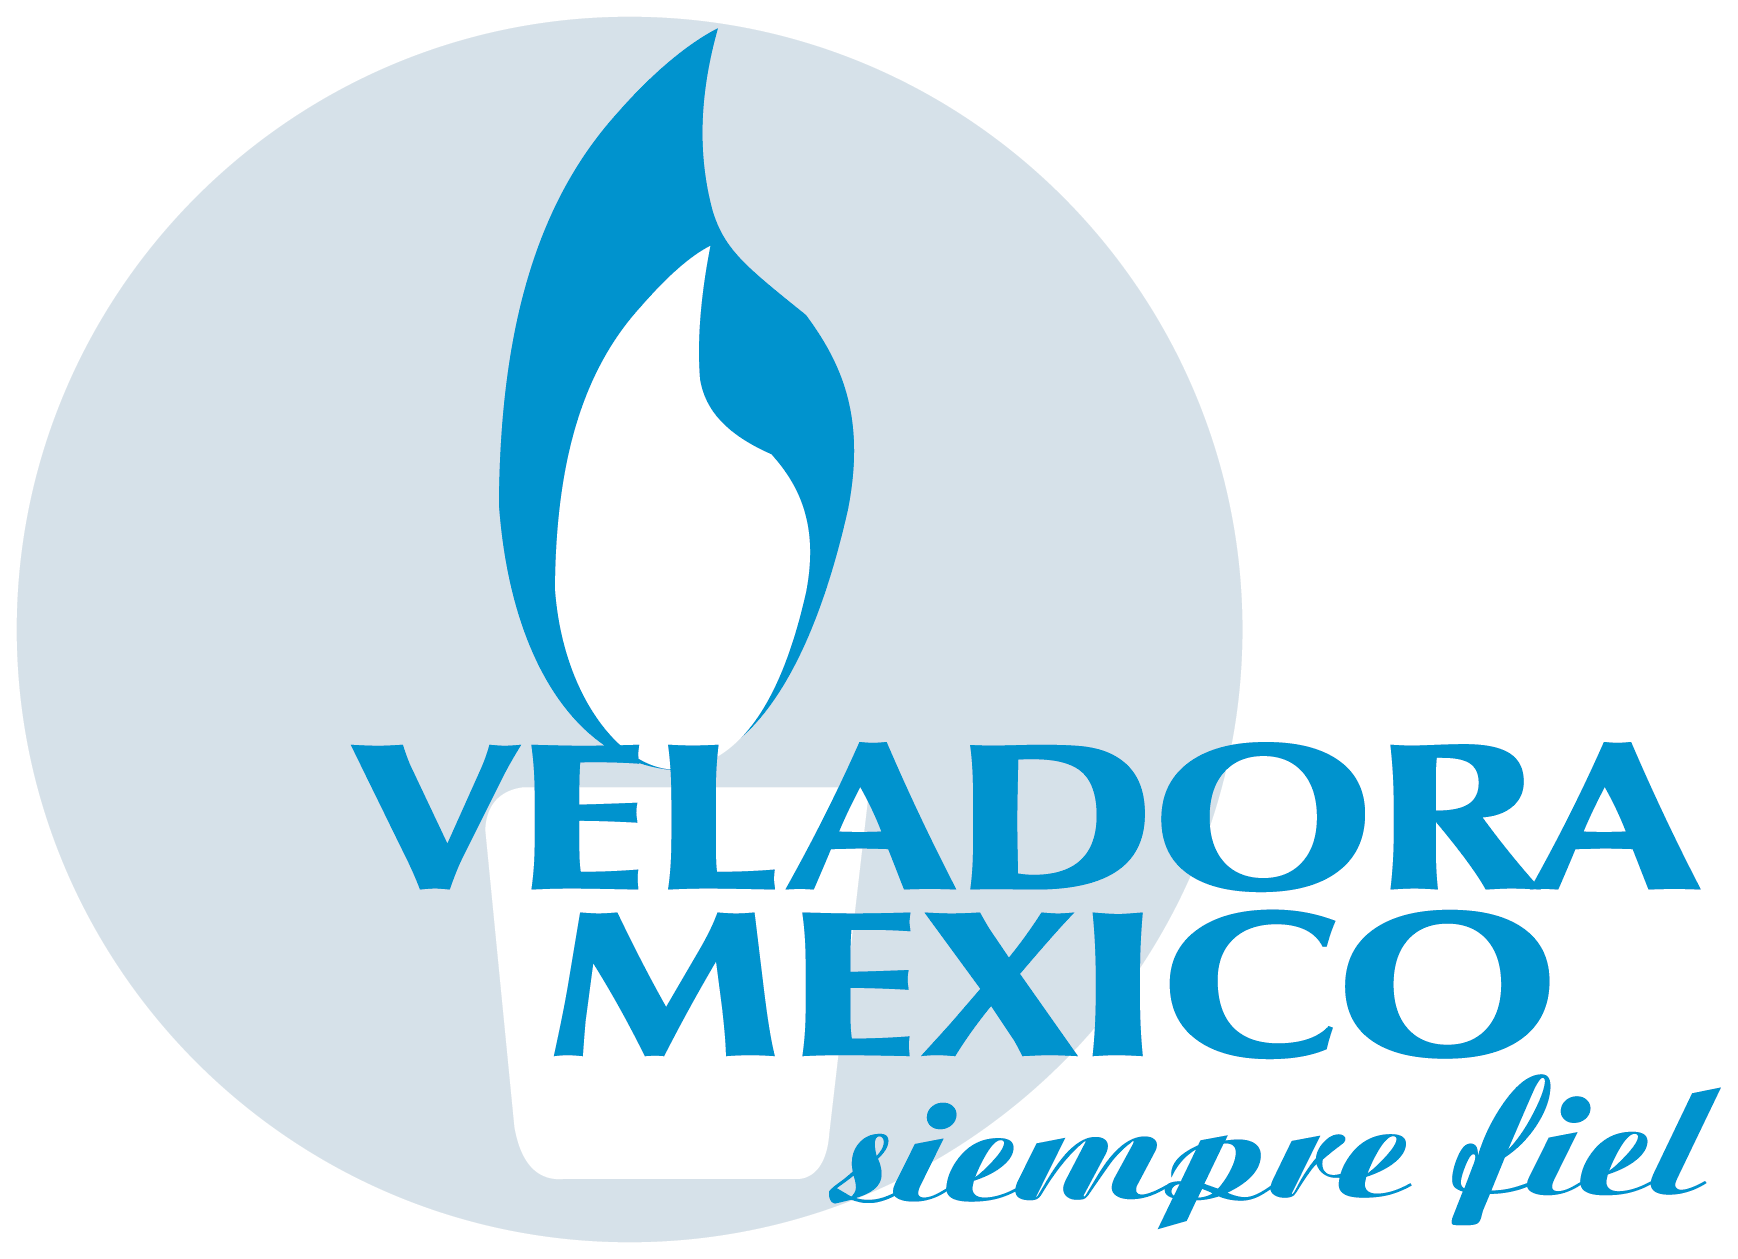 Veladora México